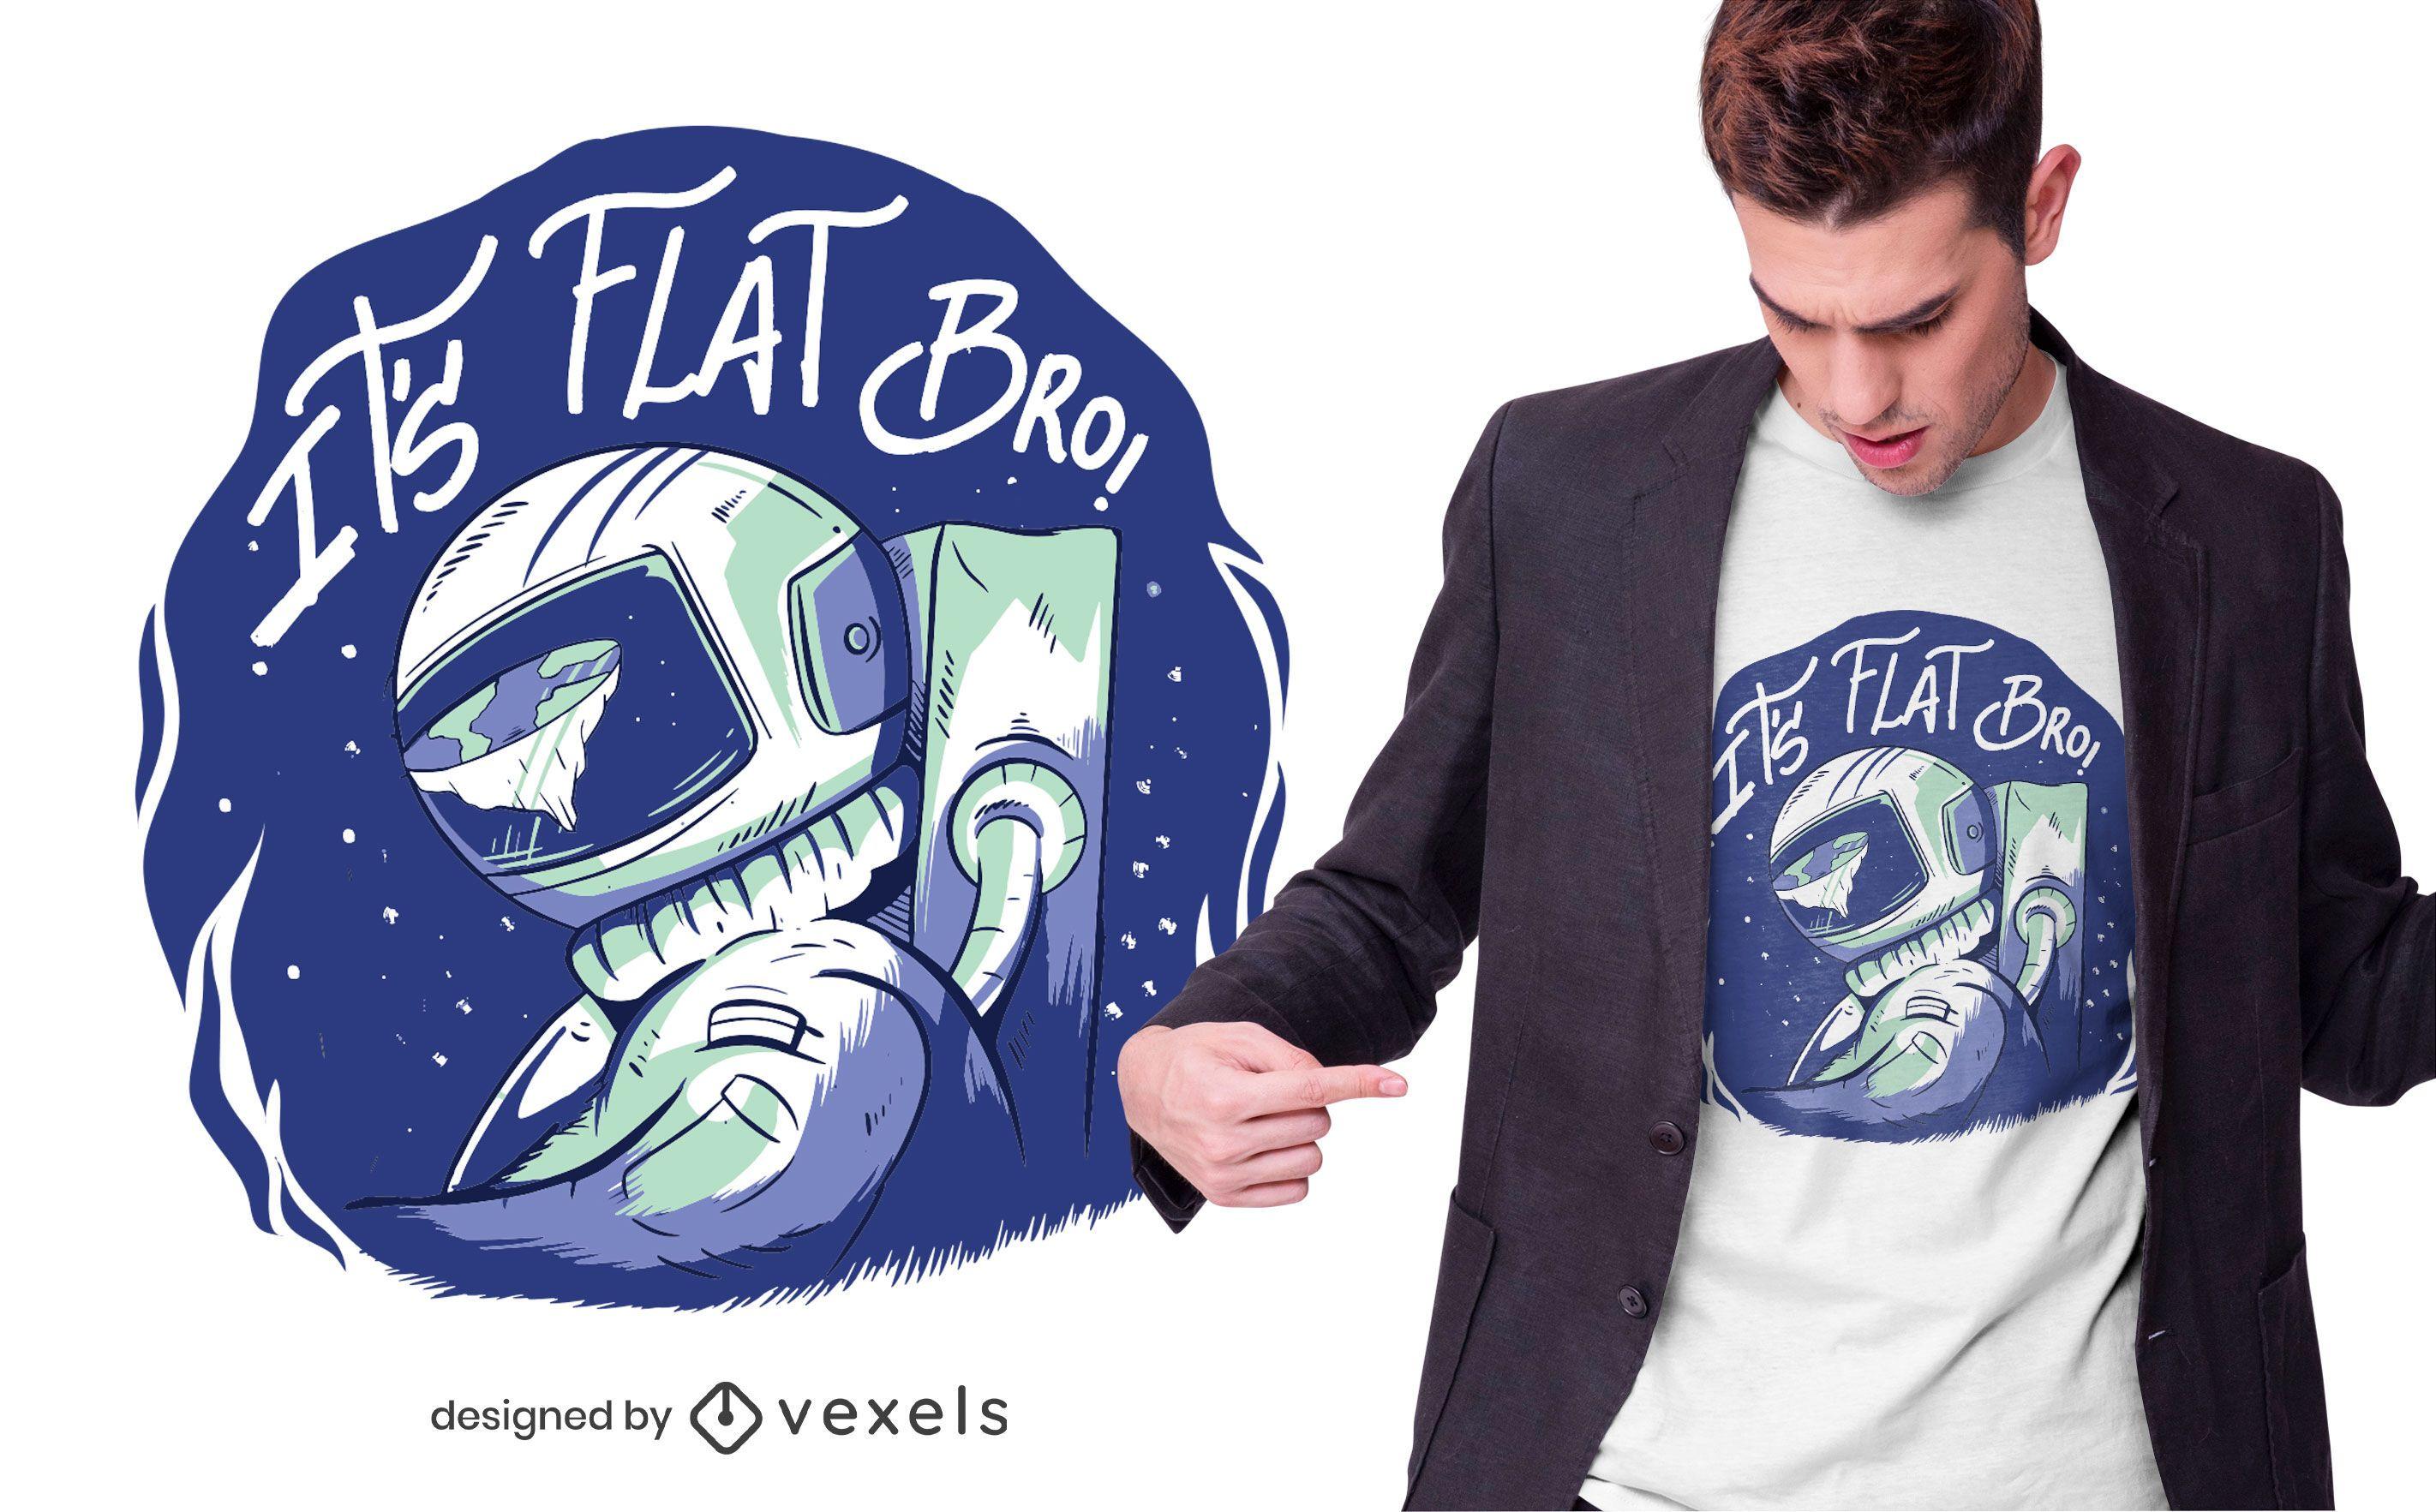 Flache Erde T-Shirt Design